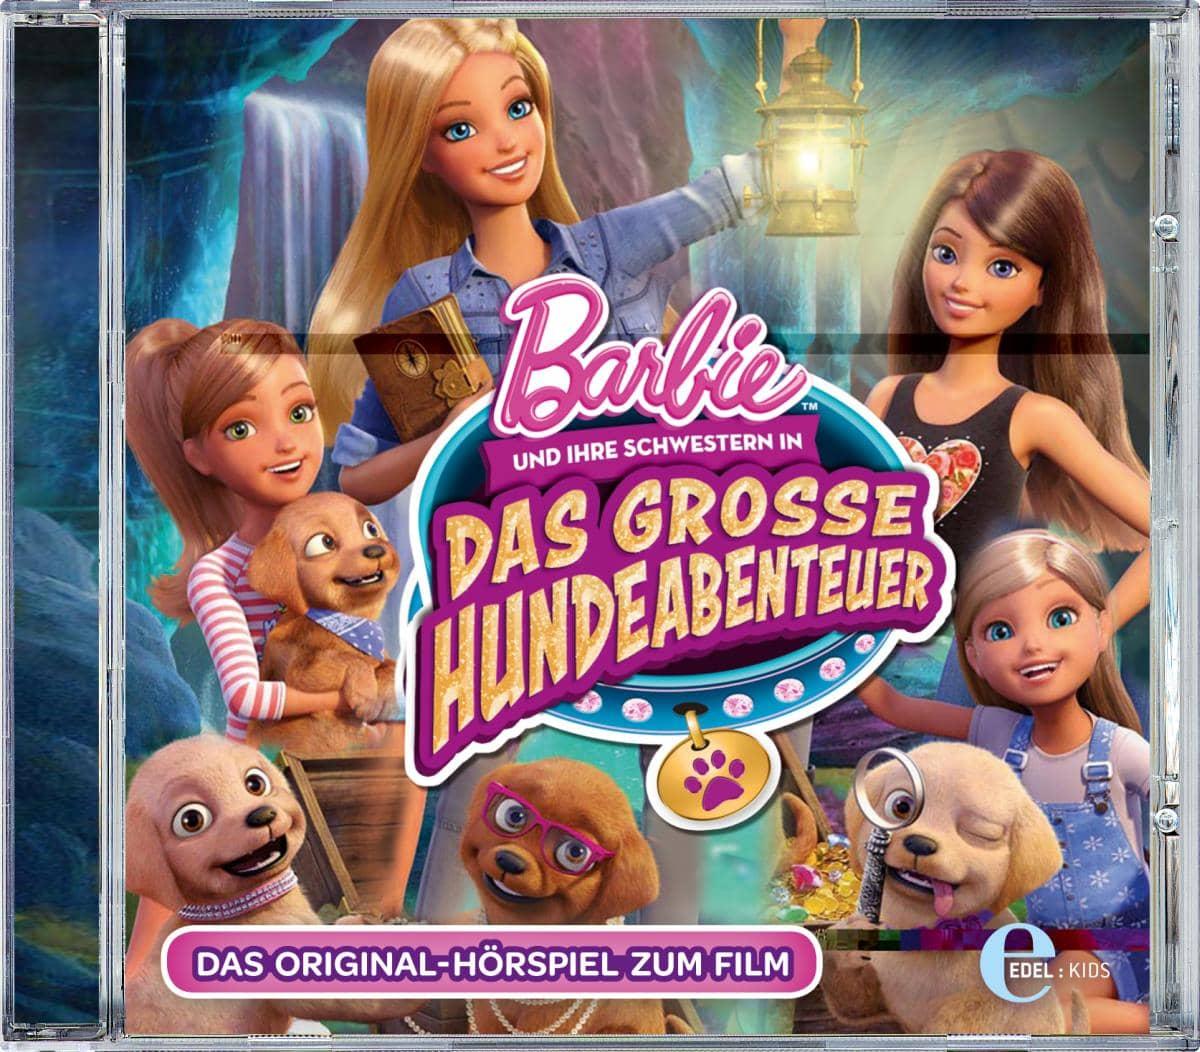 Barbie Hundeabenteuer Stream